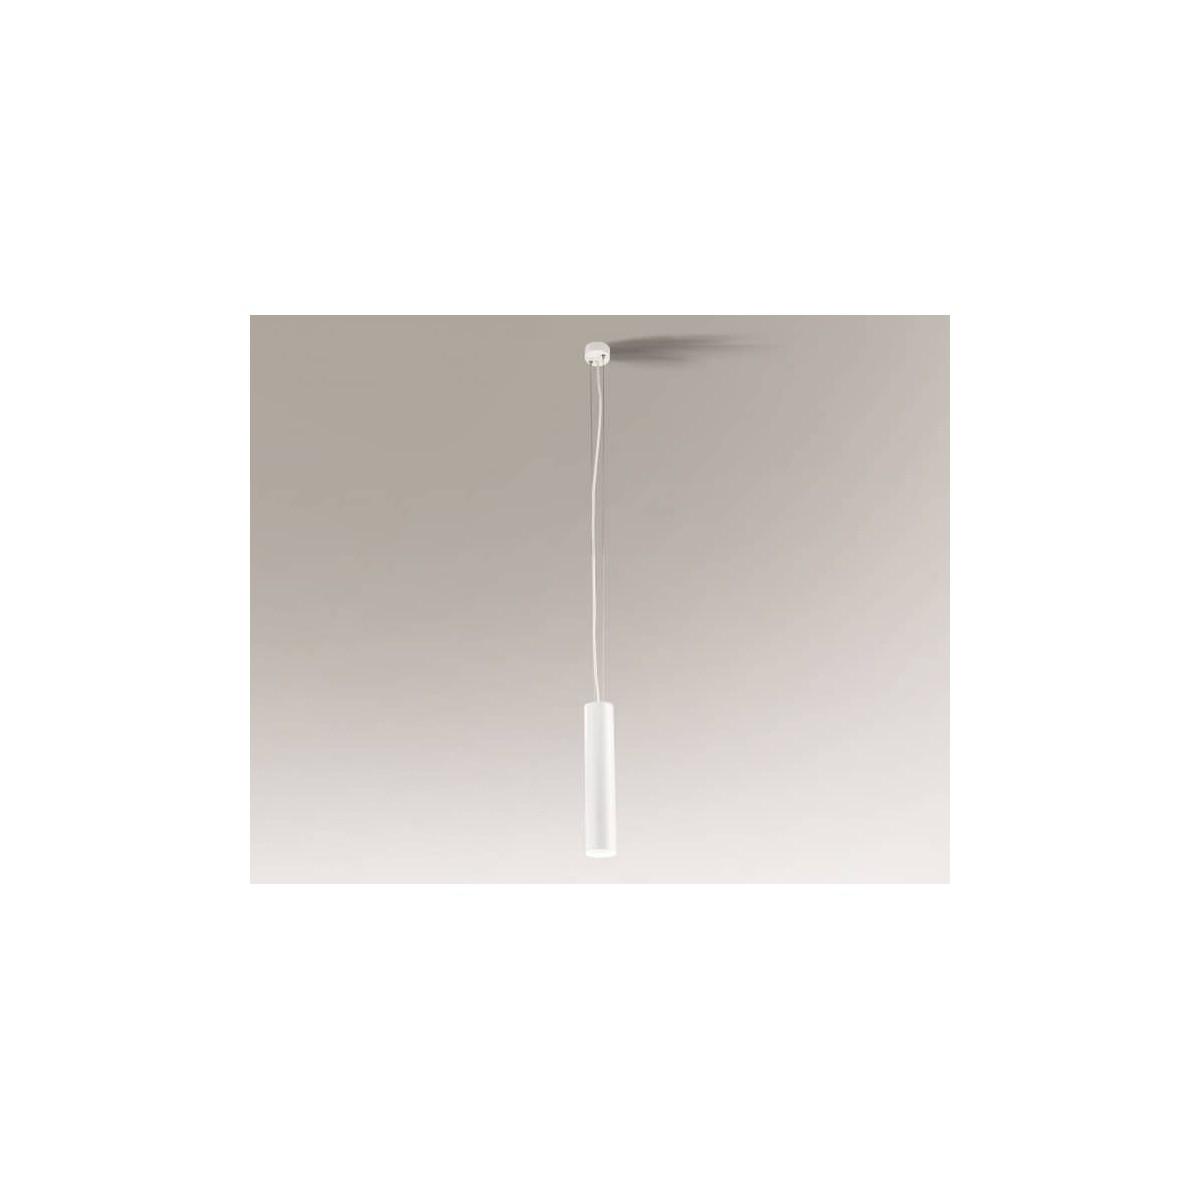 Shilo NODA 1xGU10 biały wisząca 7641